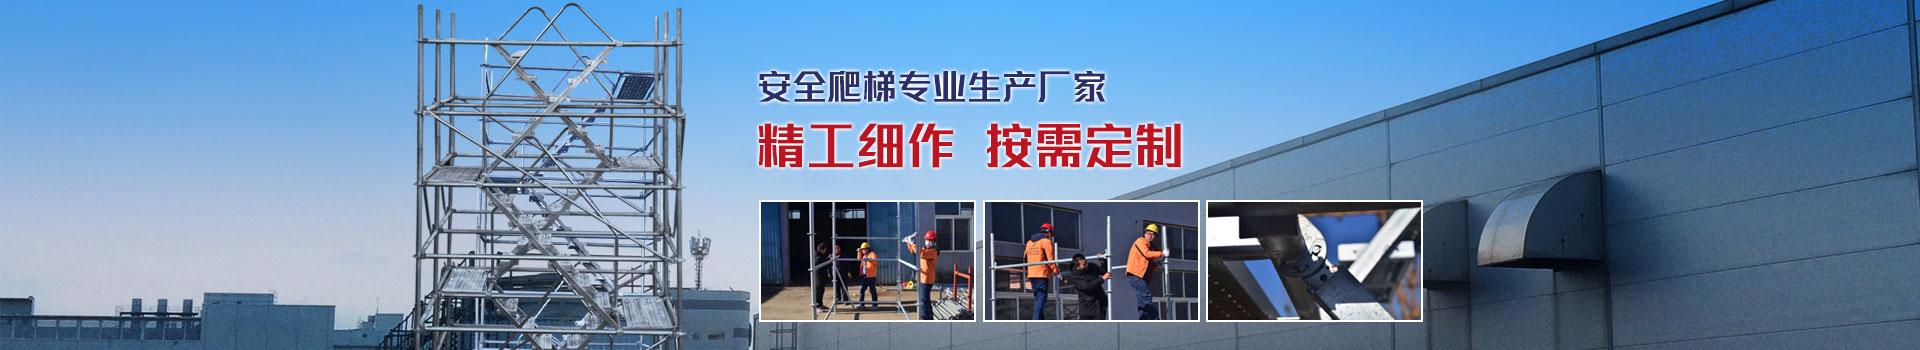 安全爬梯专业生产厂家